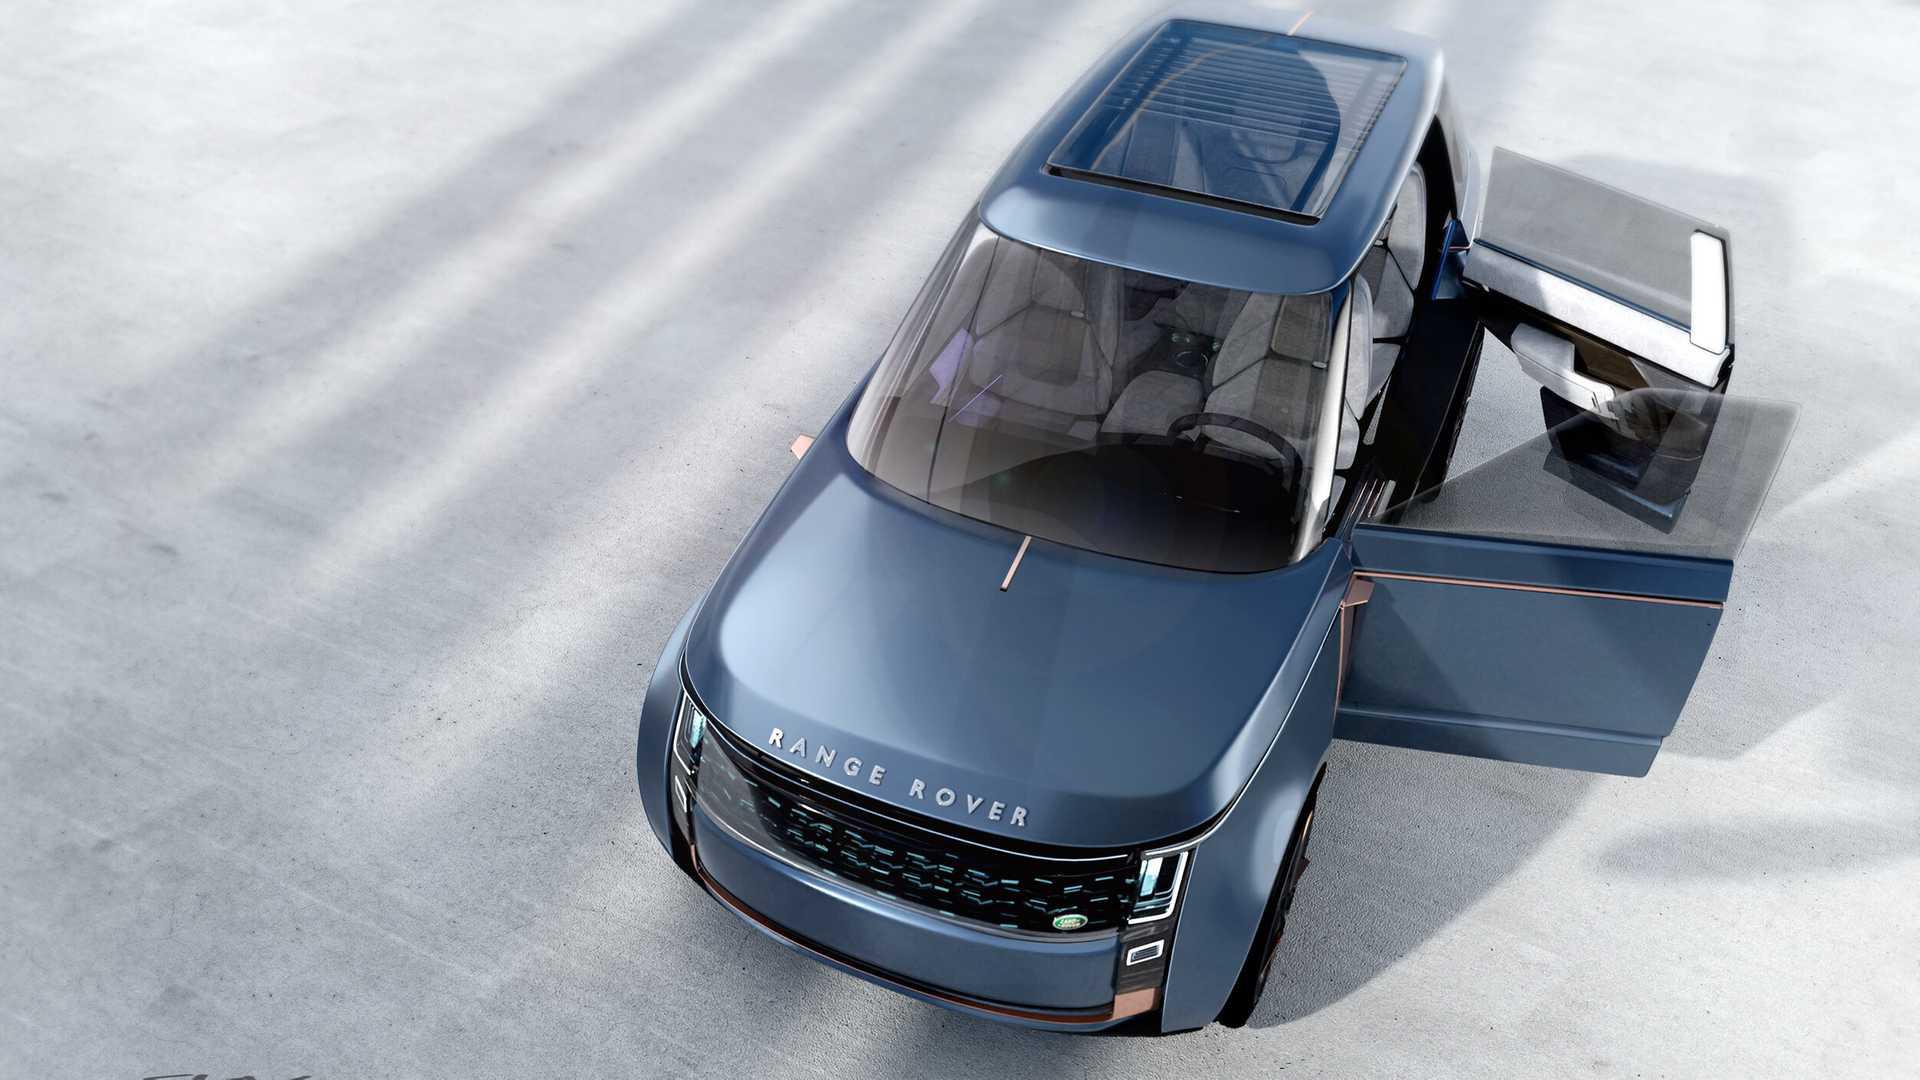 Xem trước Range Rover thế hệ mới - Ước ao thay đổi sau gần 10 năm - Ảnh 1.